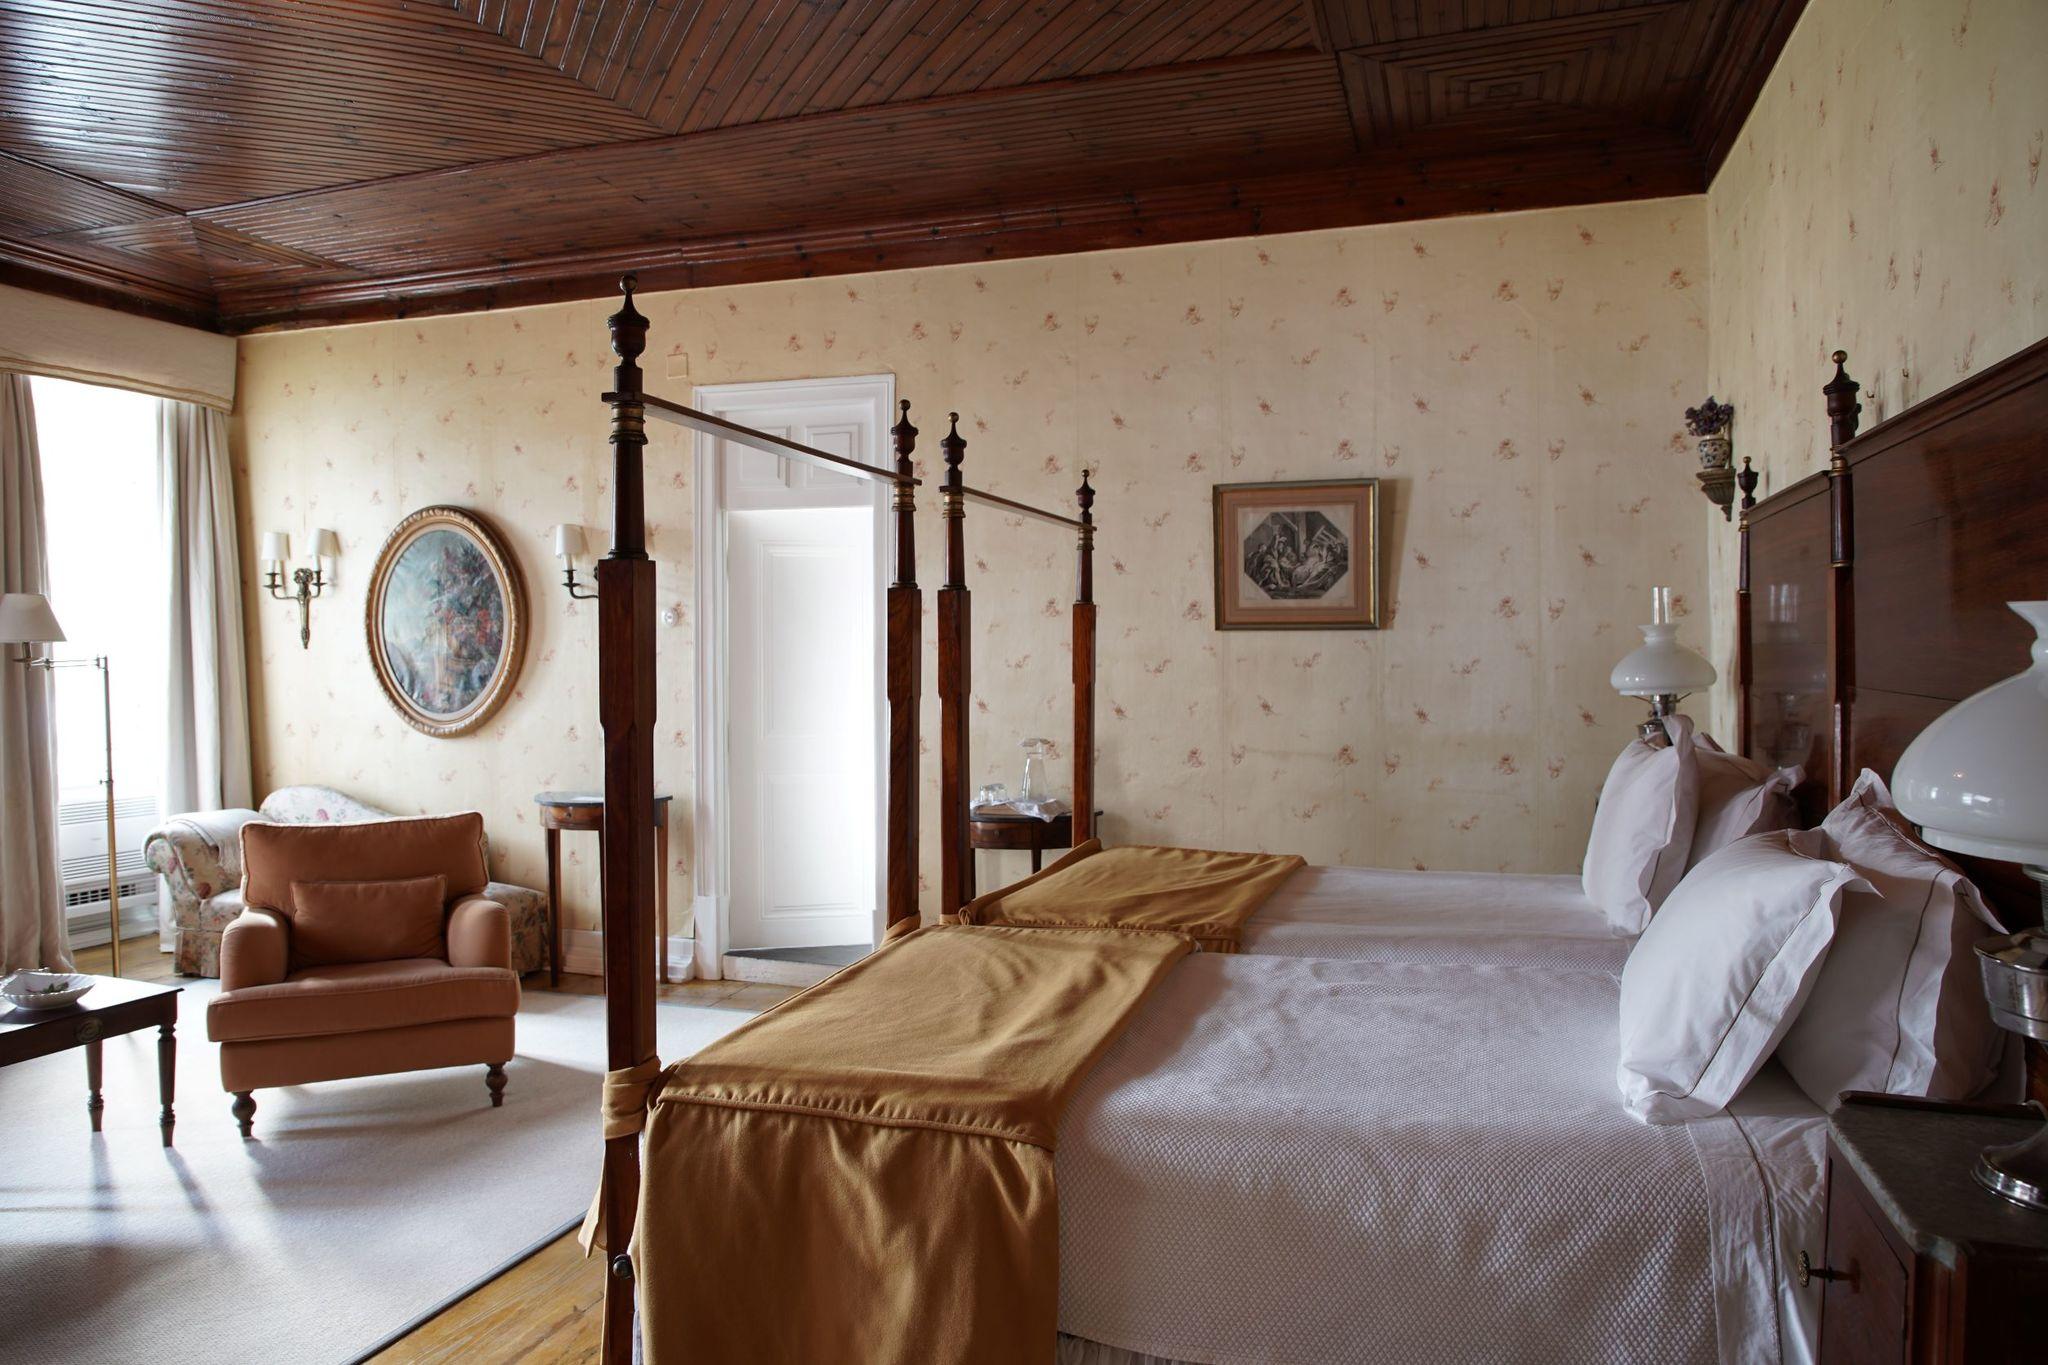 Una de las habitaciones del hotel, con un delicado papel pintado y techos de madera.